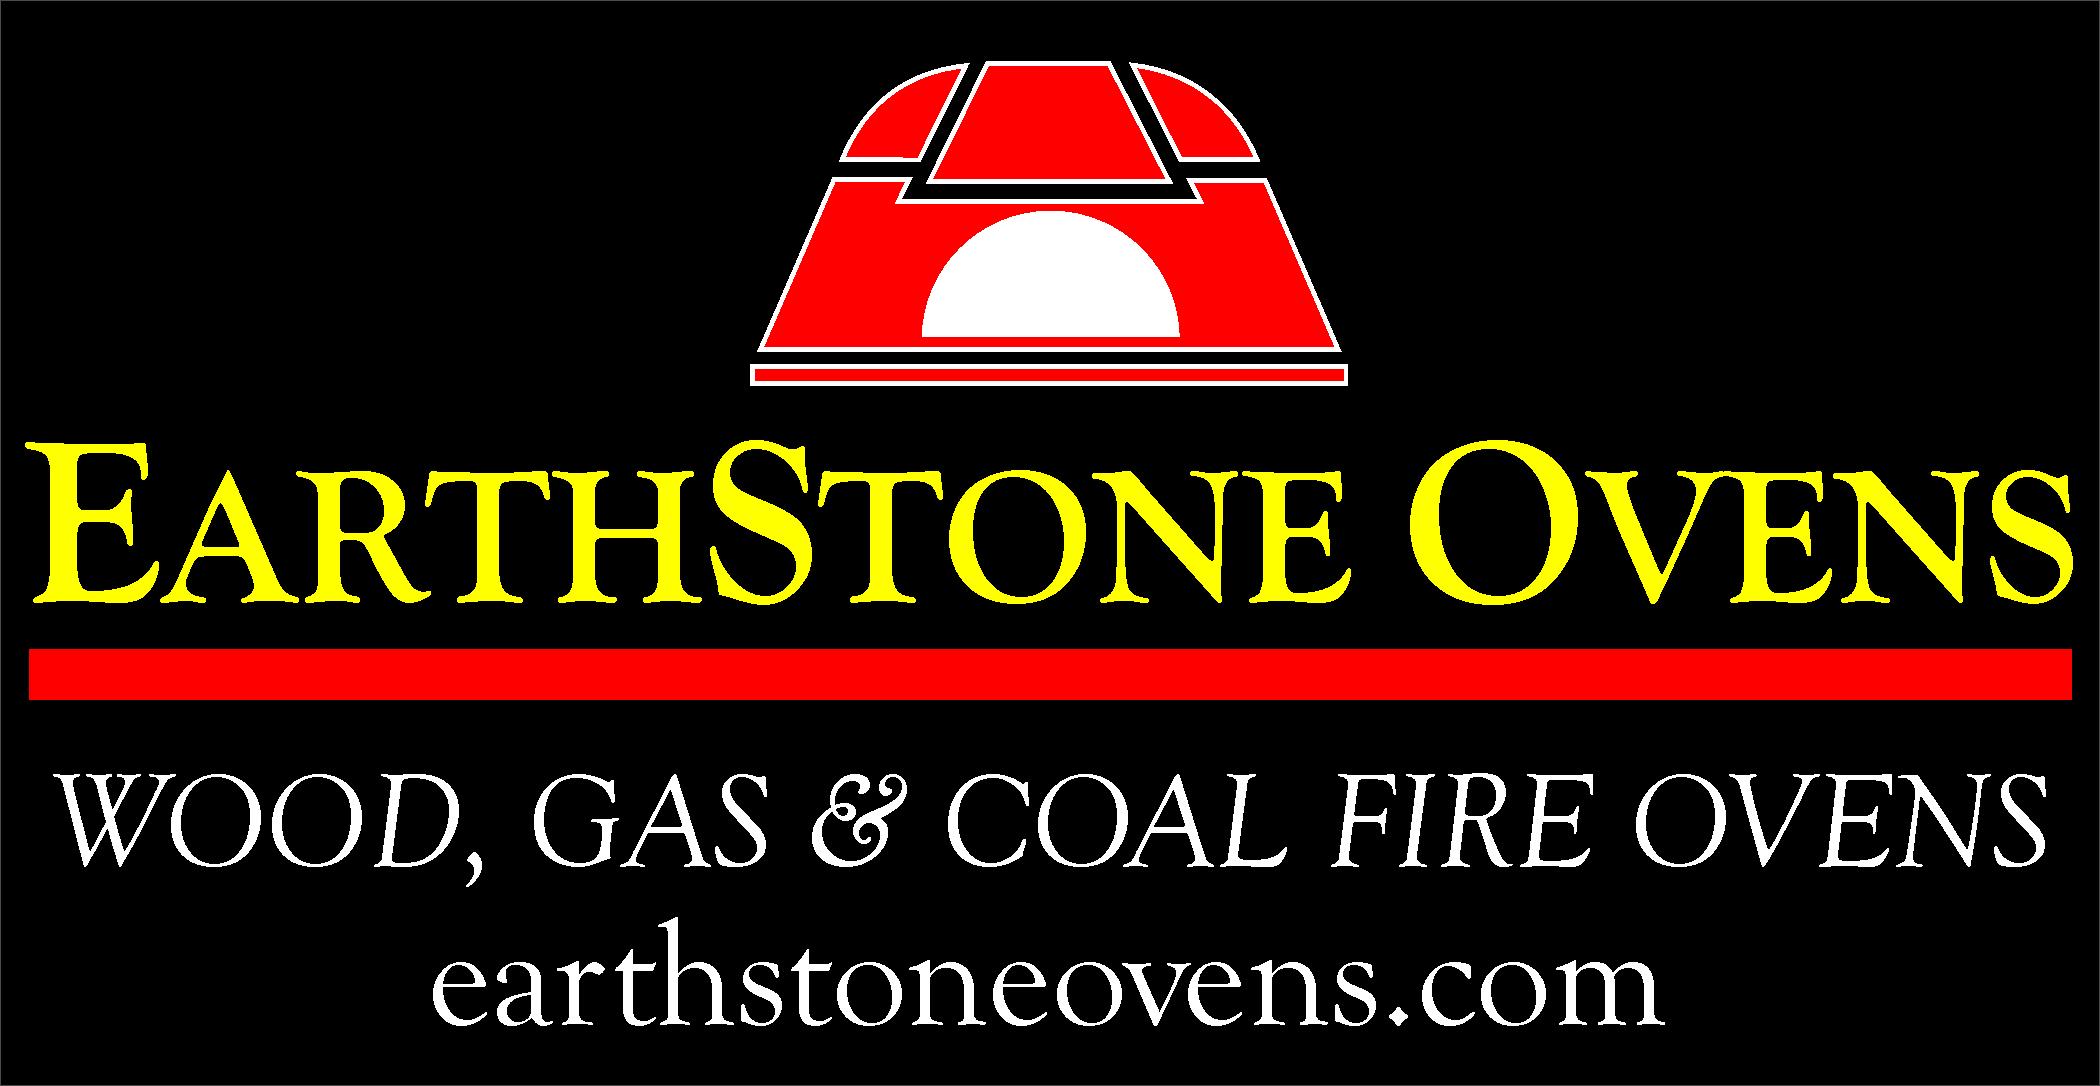 earthstone ovens logo